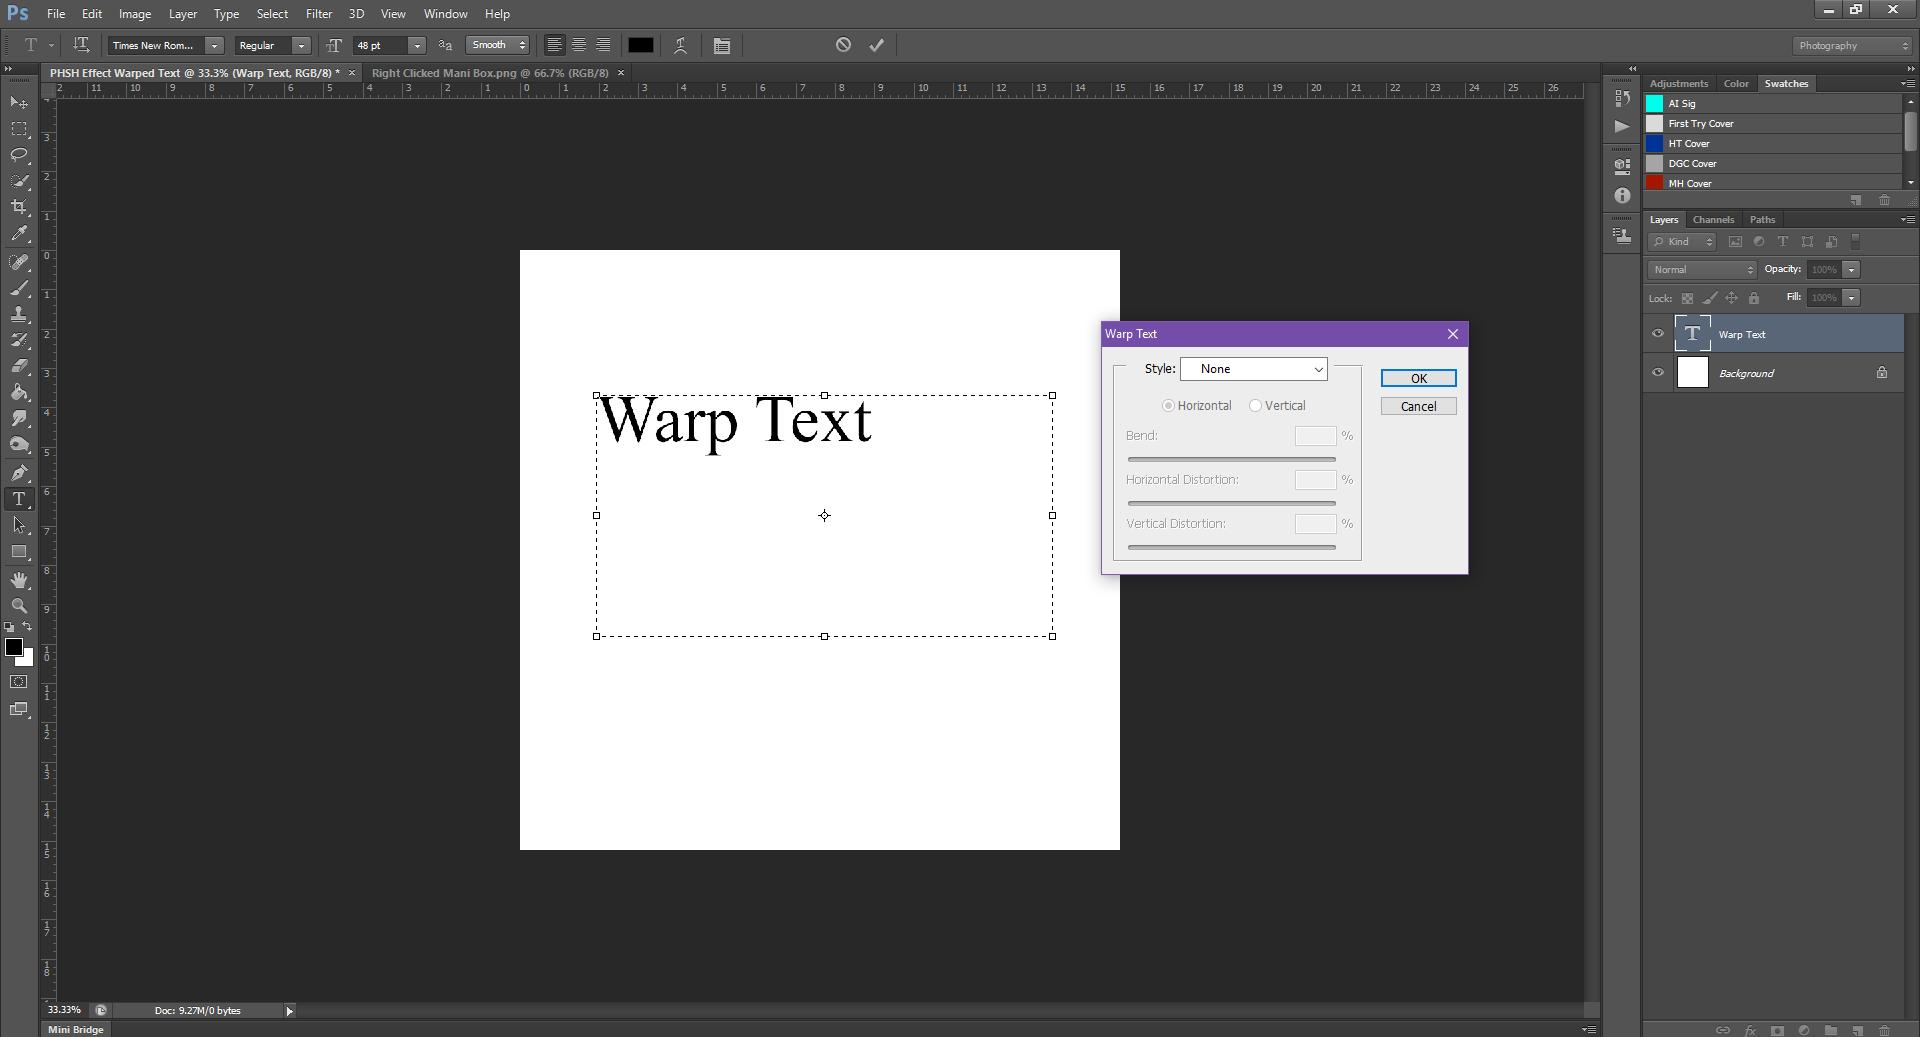 AterImber.com - Writing - Writing Tips - PHSH Tutorial - Warped Text - Warp Text Box